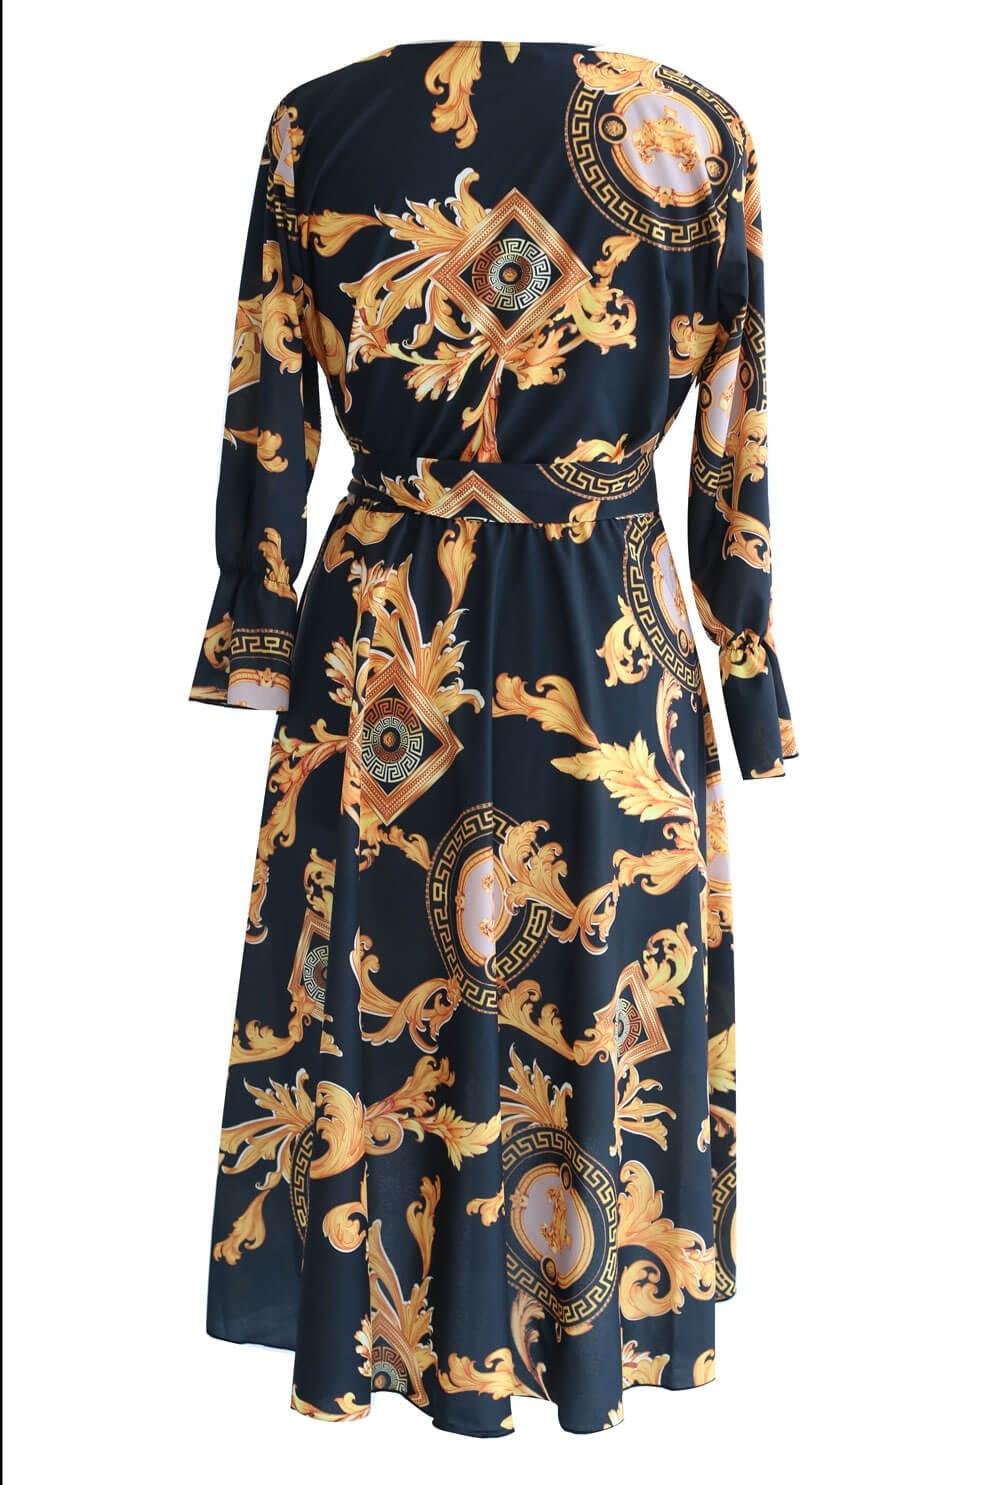 8217ae9c Czarna sukienka w złoty wzór DOLCE - sklep XL-ka